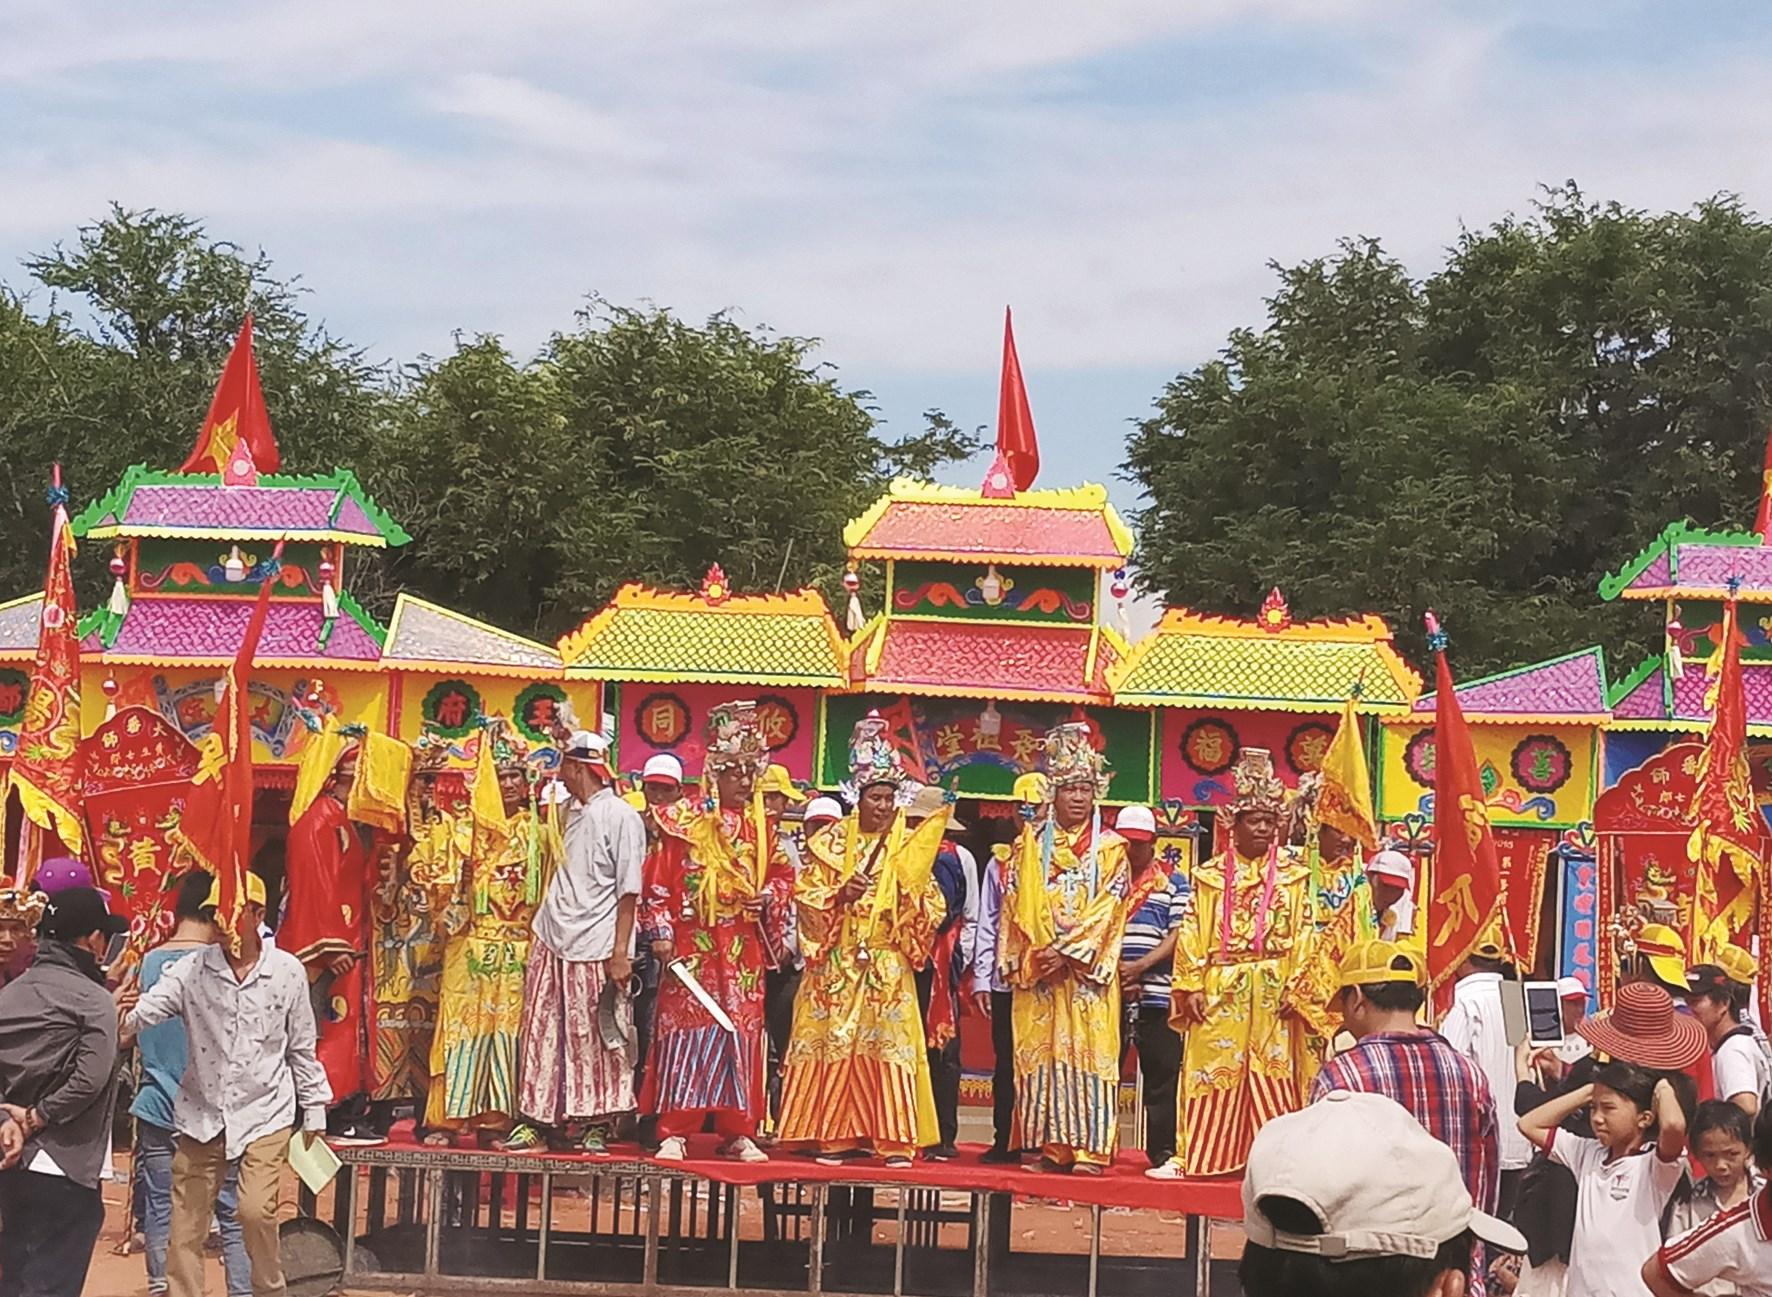 Lễ hội Tả Tài Phán (Vạn nhân duyên) của đồng bào người Hoa tại TP. Long Khánh